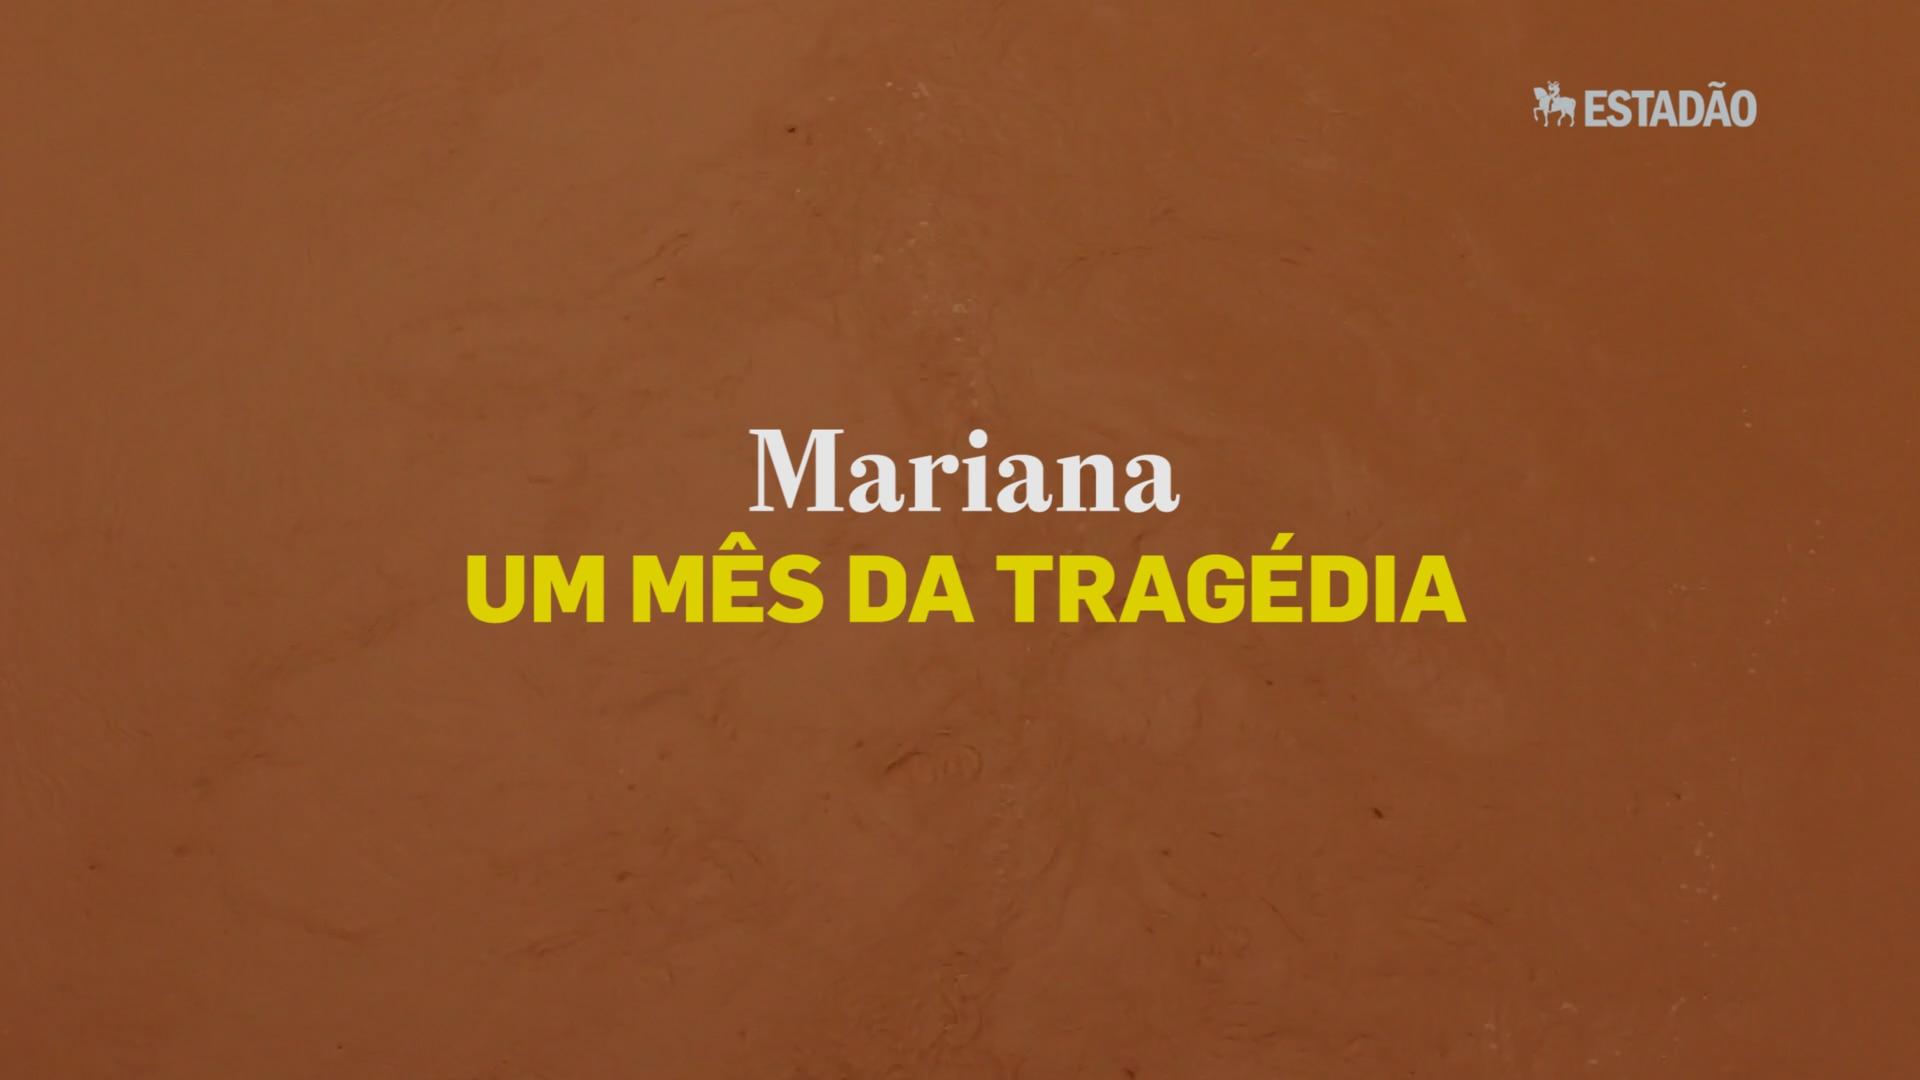 Mariana: um mês da tragédia